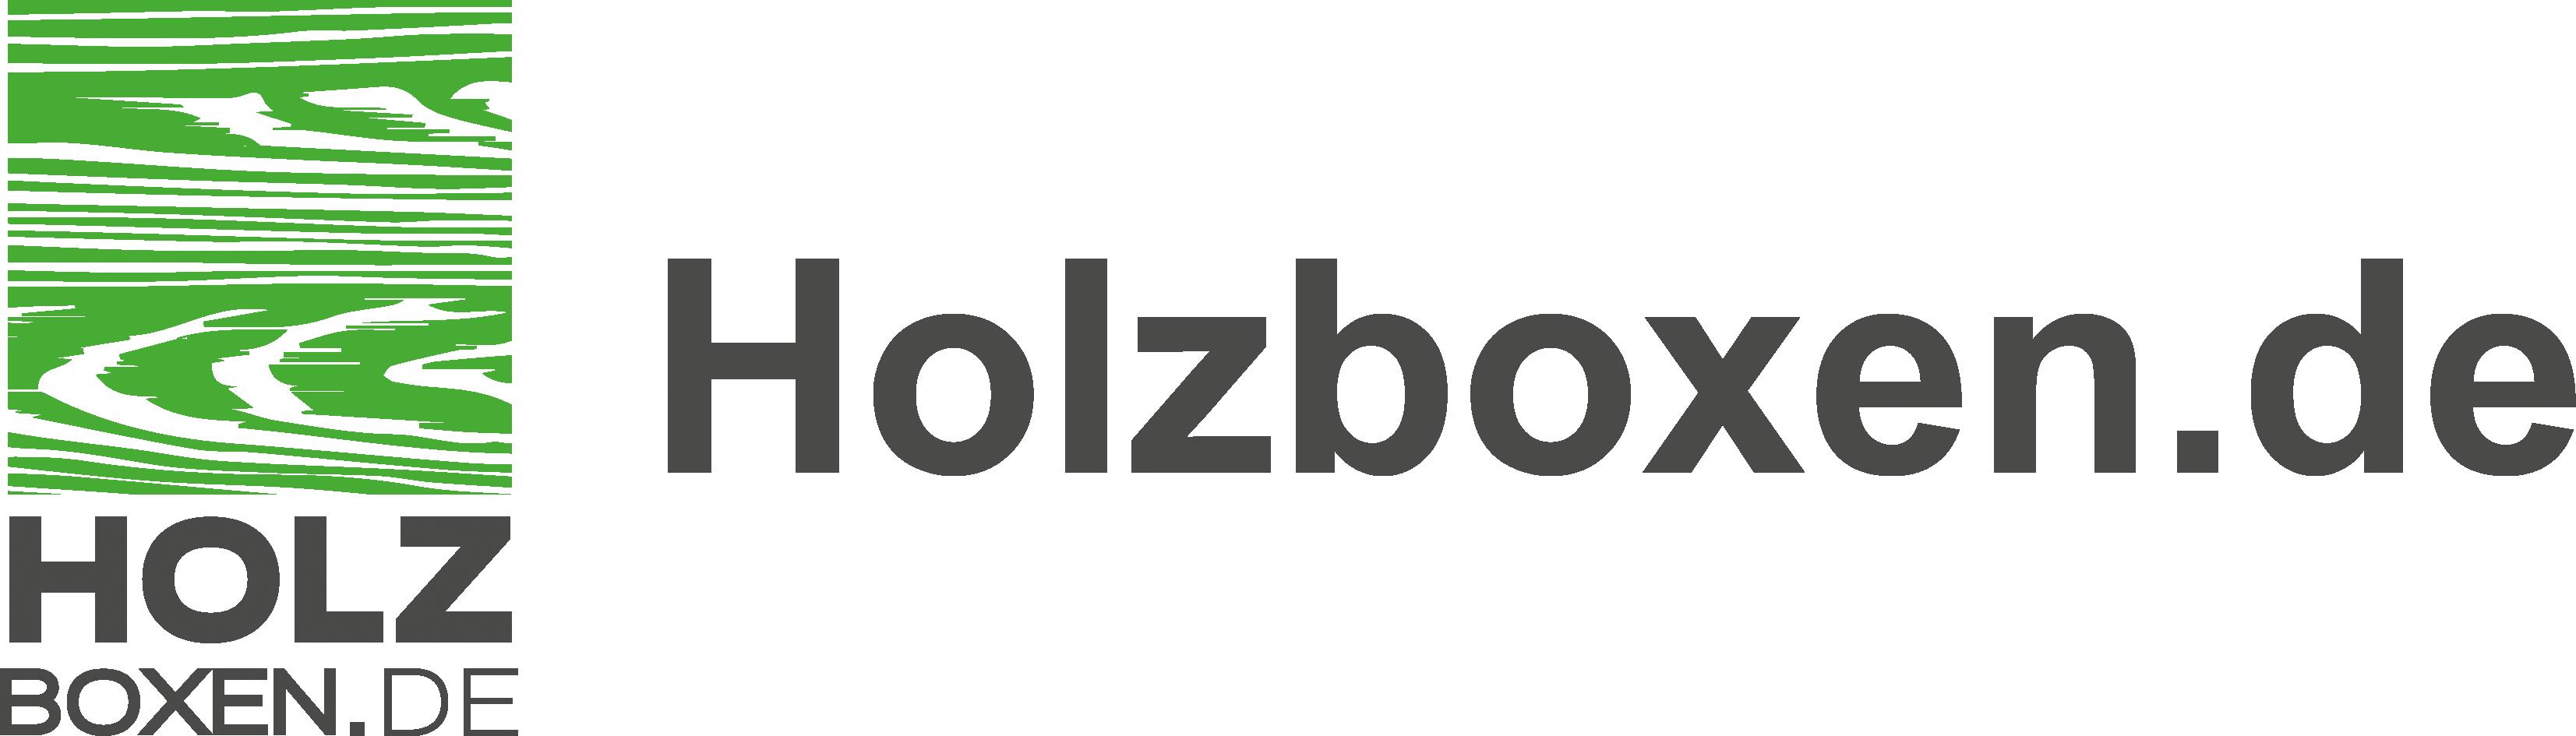 Holzboxen.de